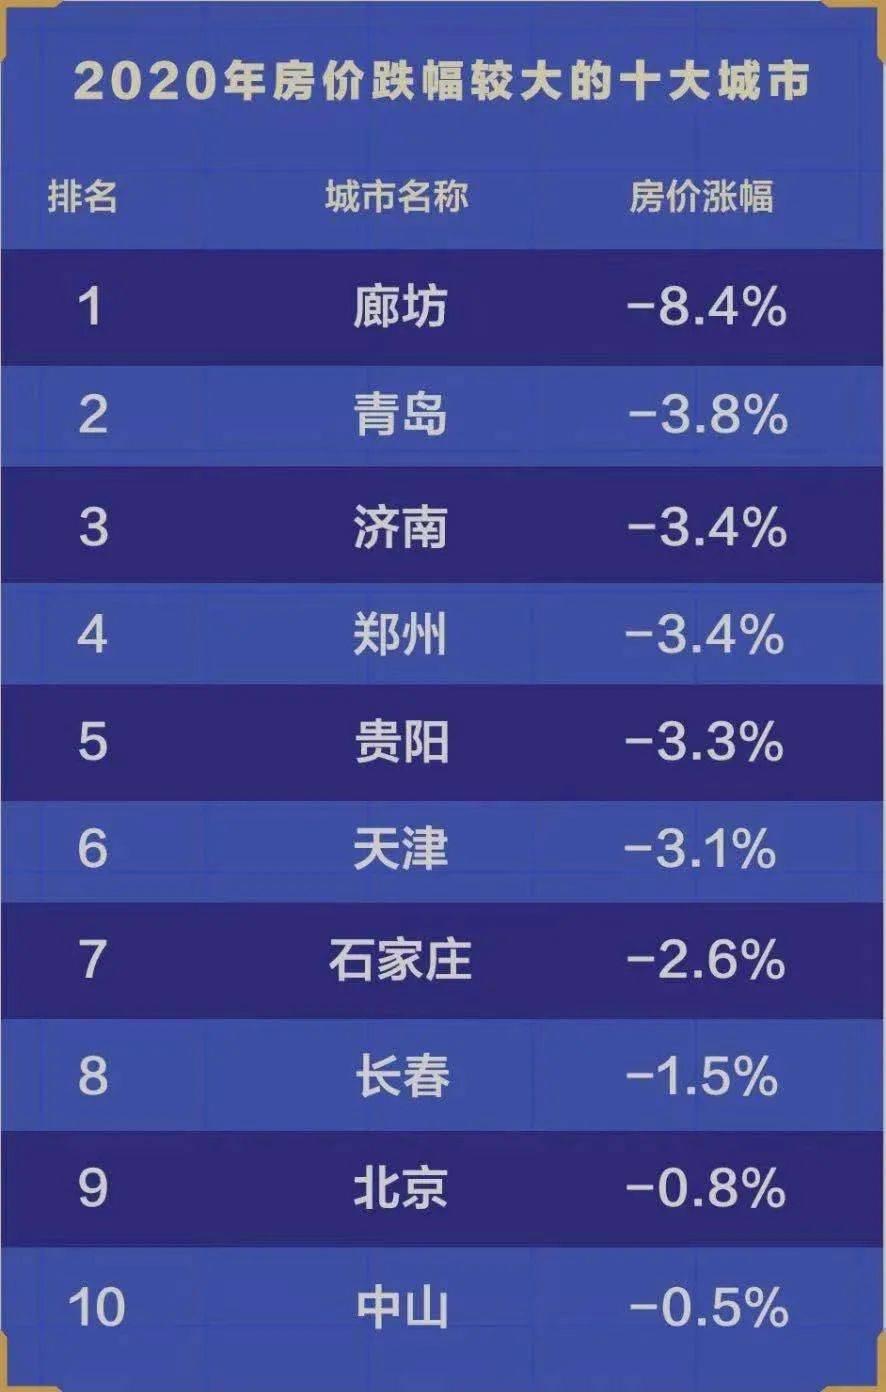 24个城市房价上涨,深圳涨幅高达14.6%!今年房价又要大涨?